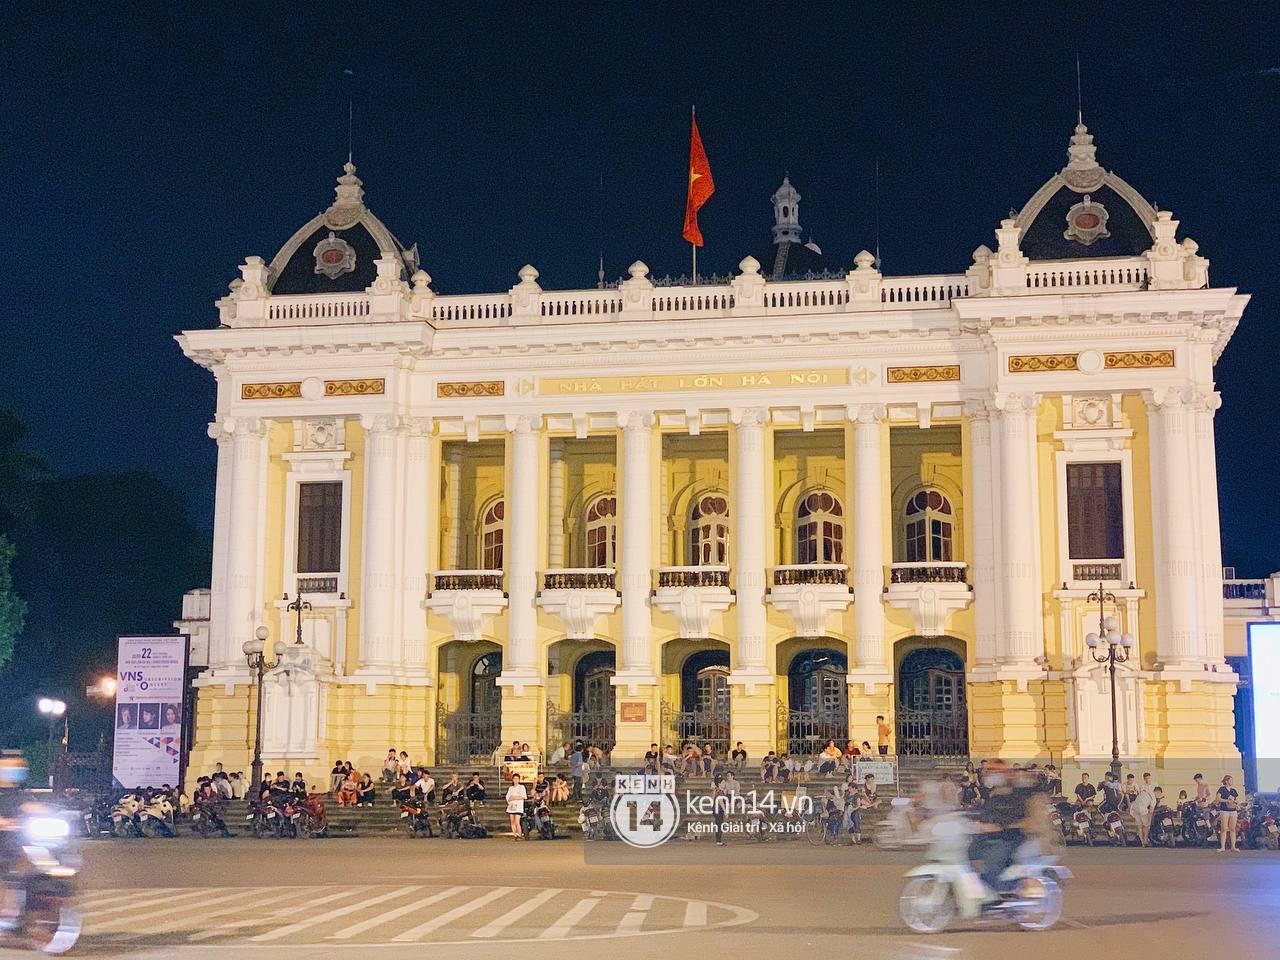 Trót dại xuống phố tối ngày giỗ Tổ, giới trẻ Hà Nội chịu cảnh kẹt cứng khắp mọi nẻo đường, đông không kém gì Sài Gòn - Ảnh 6.